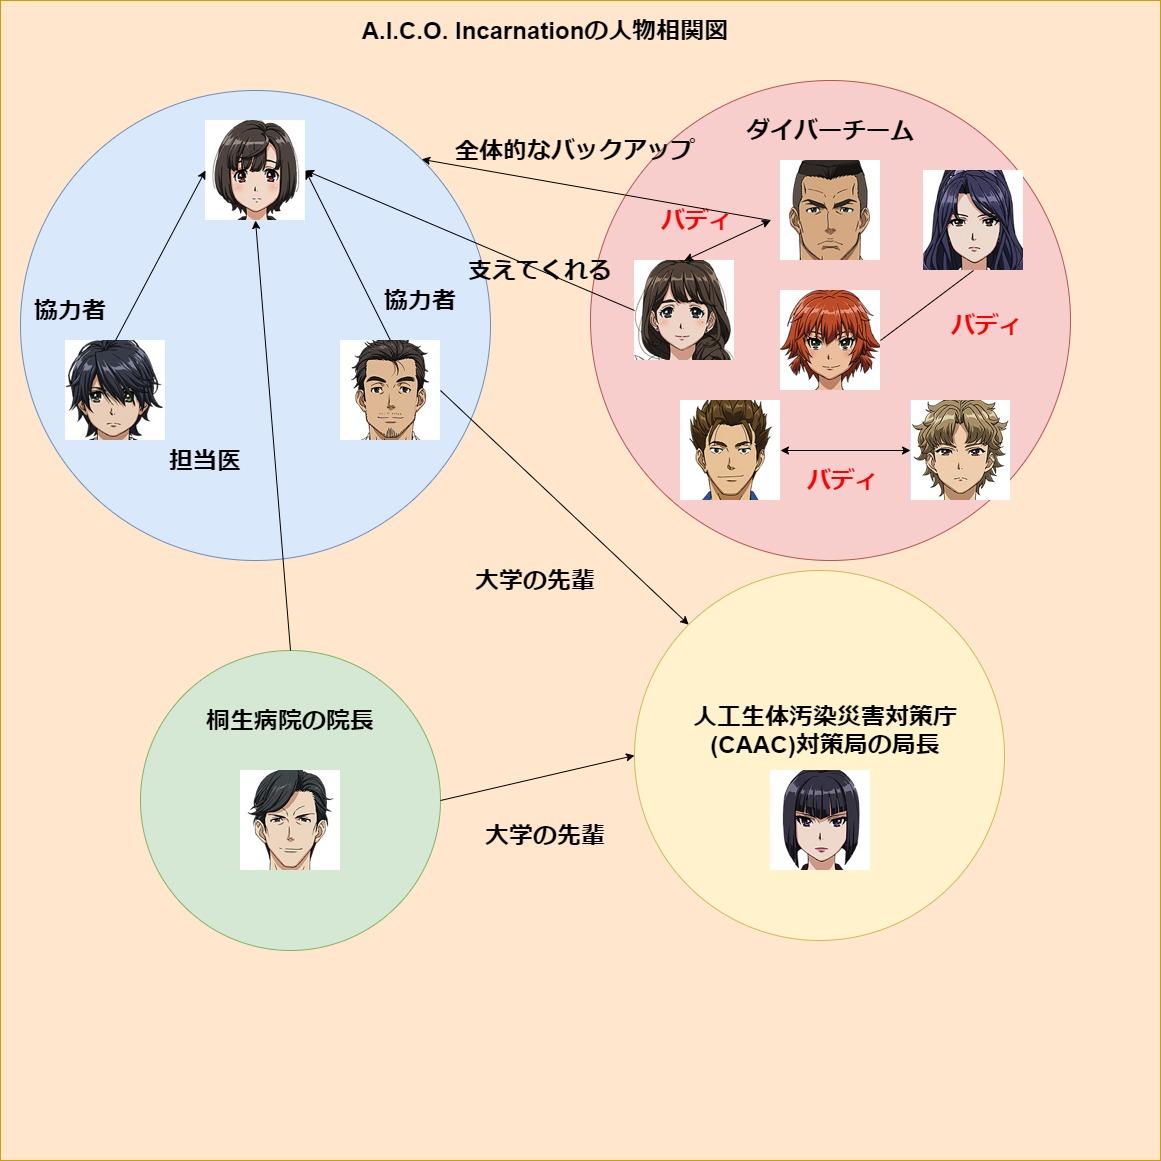 A.I.C.O. Incarnationの人物相関図